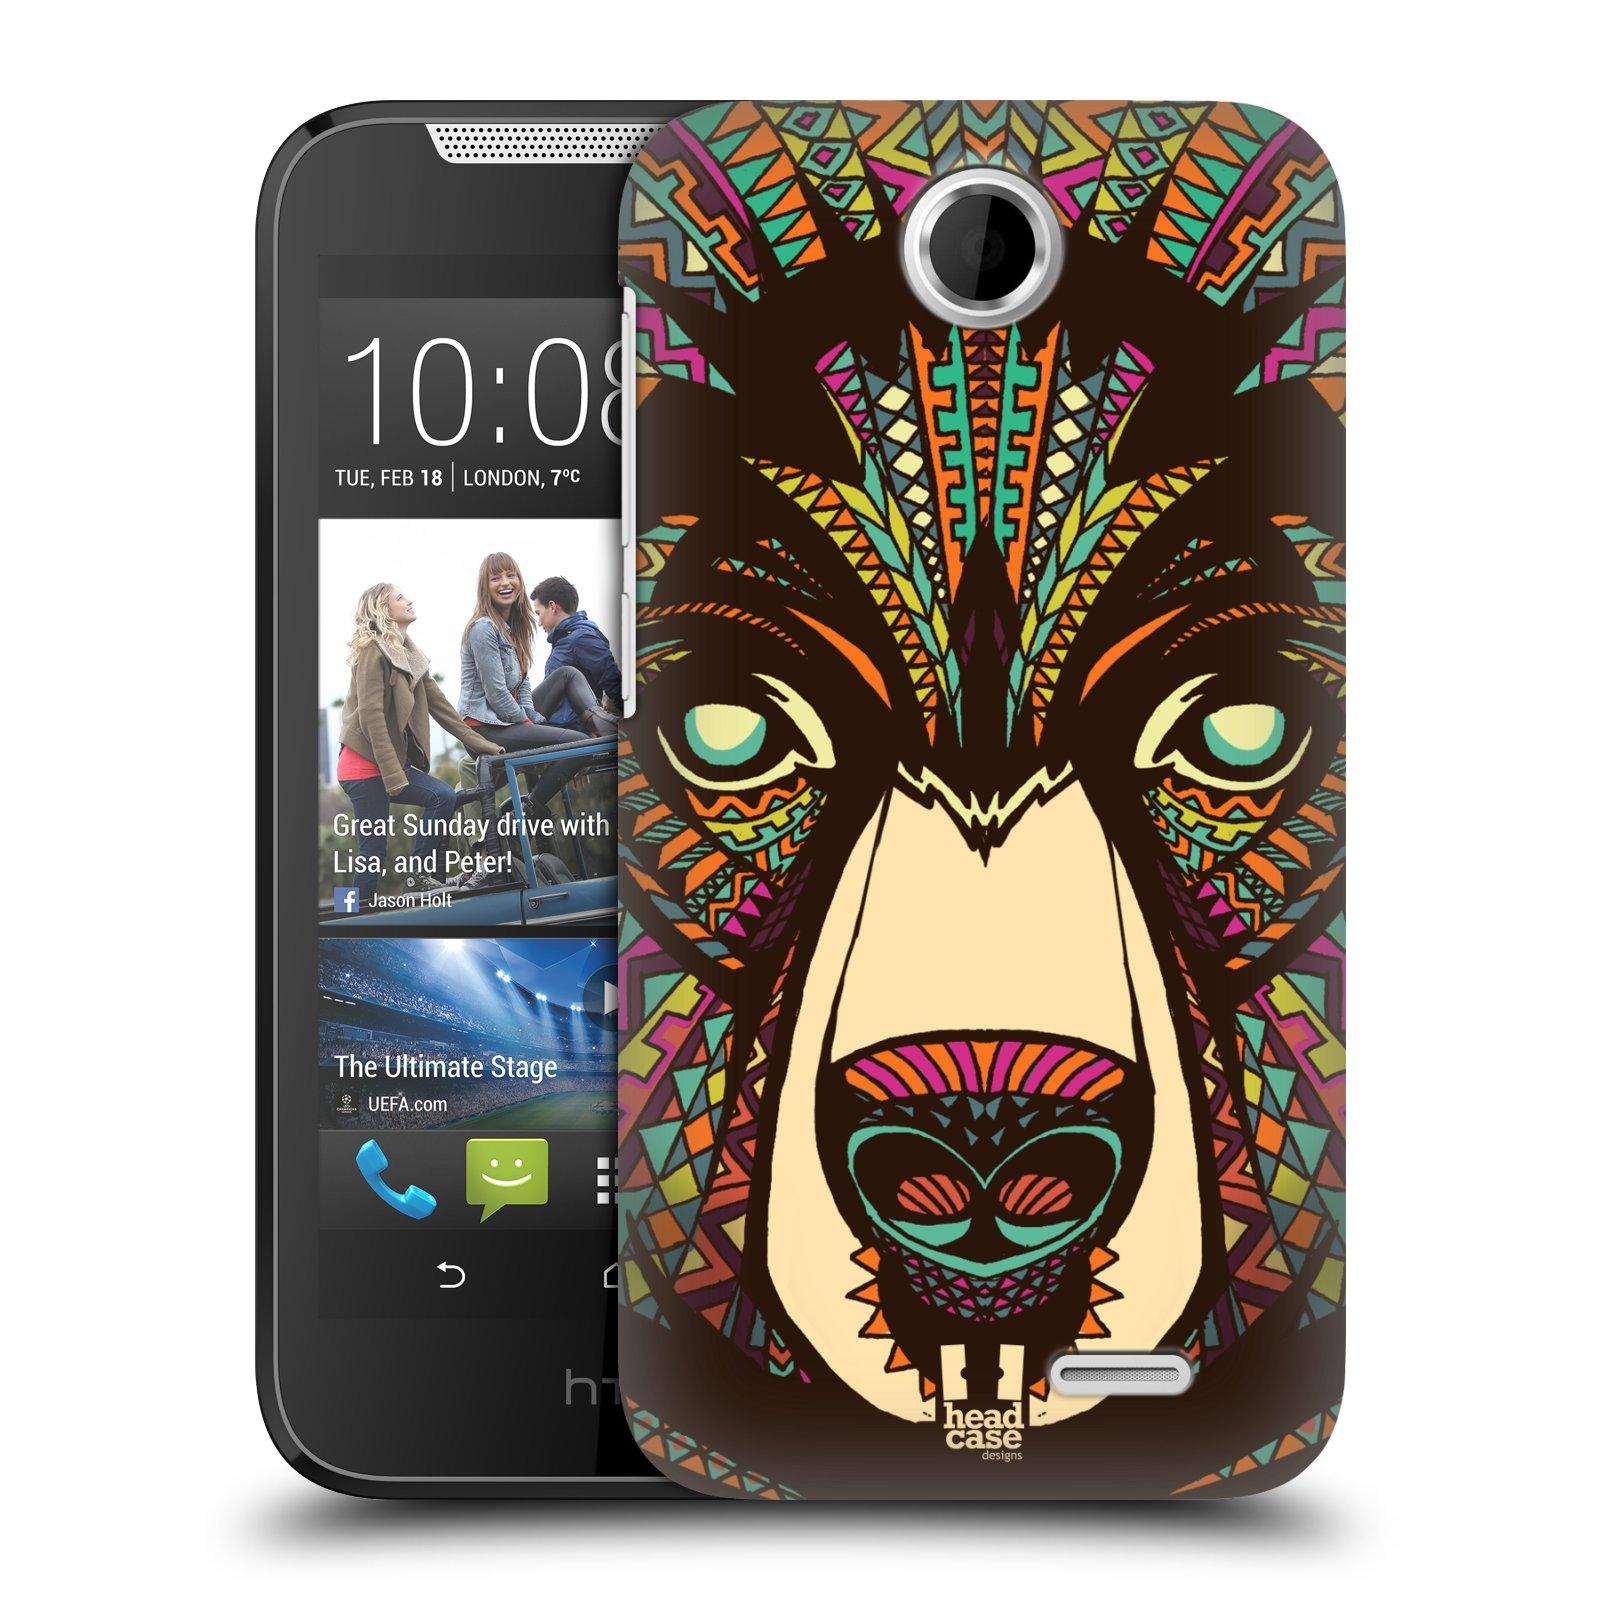 HEAD CASE plastový obal na mobil HTC Desire 310 vzor Aztécký motiv zvíře medvěd